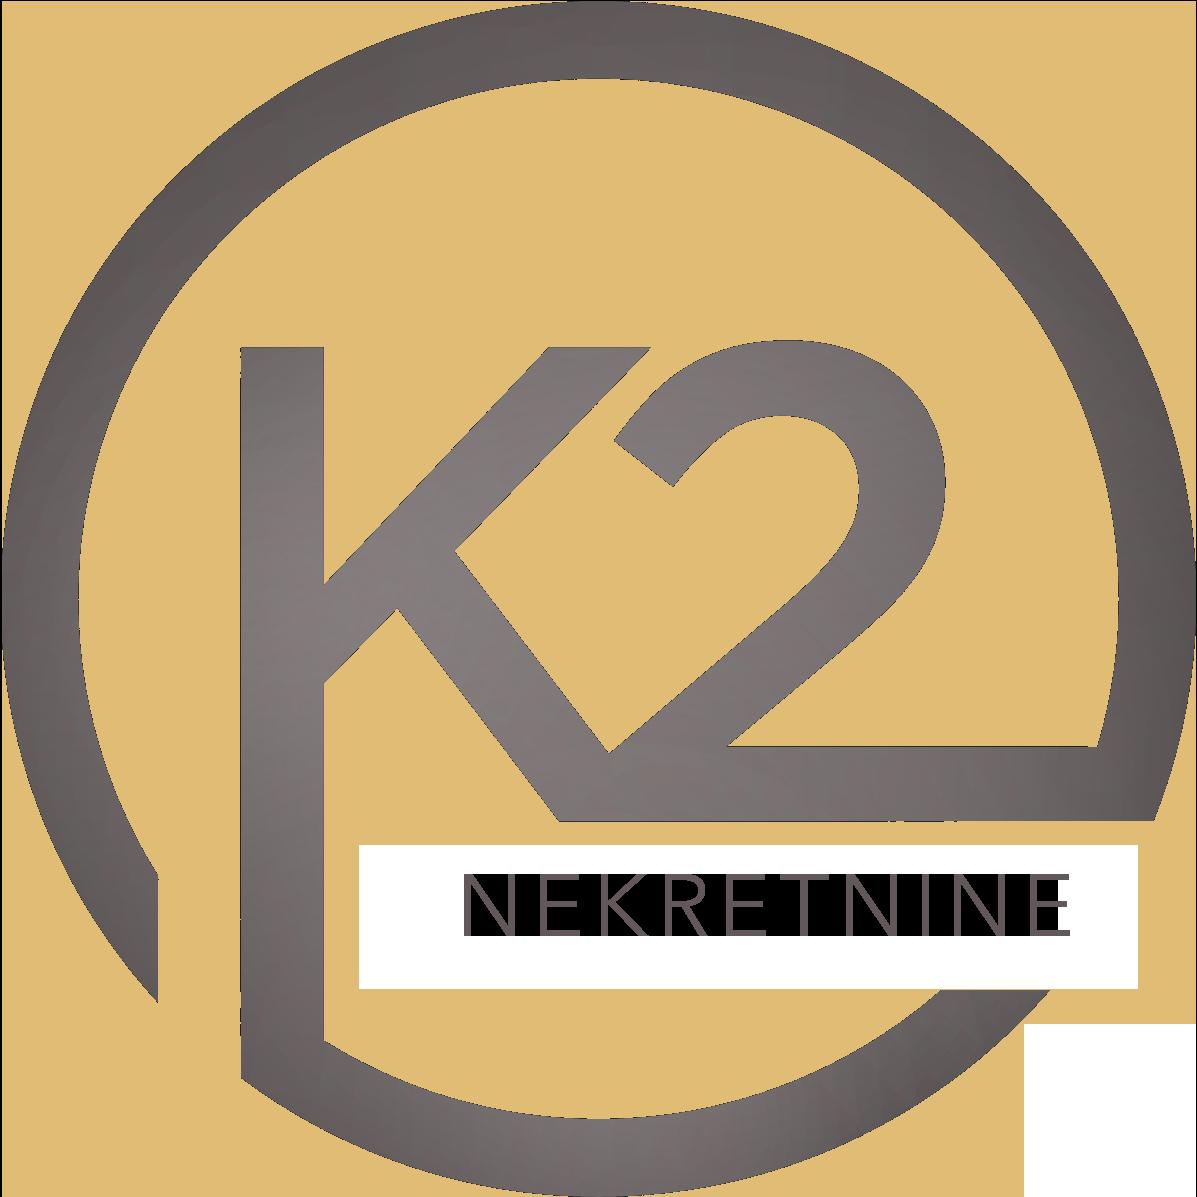 K2 Nekretnine